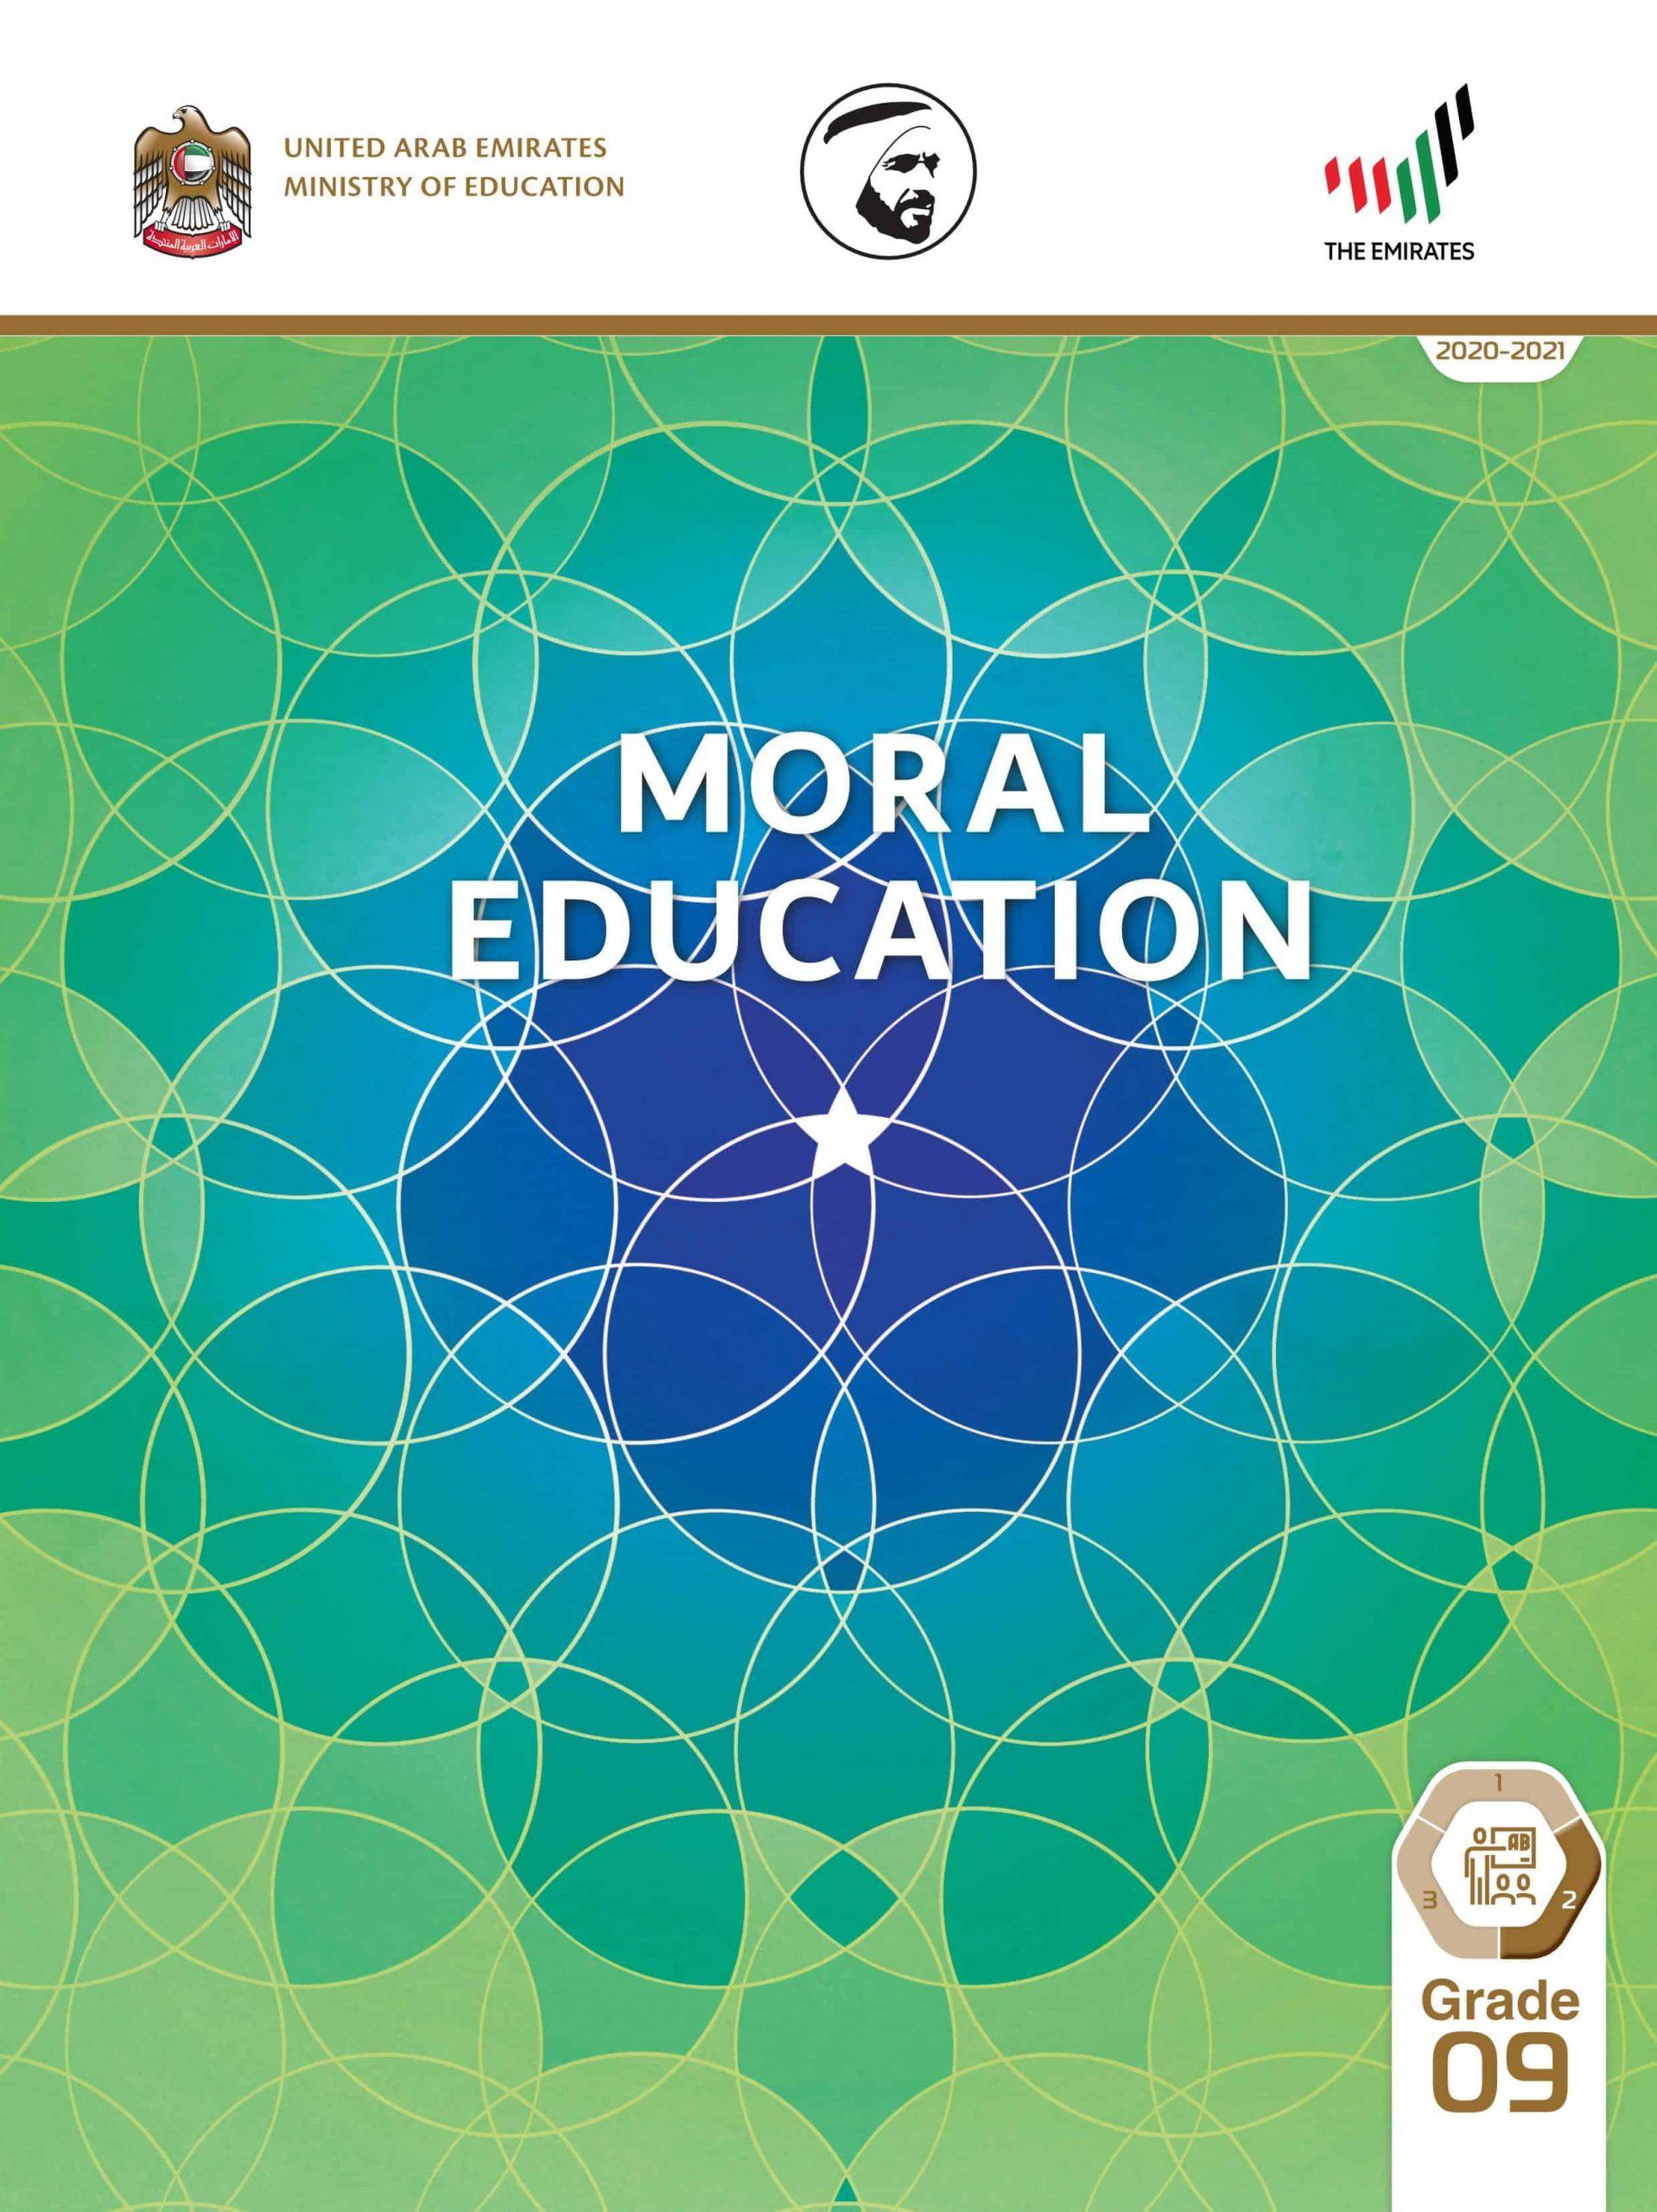 دليل المعلم بالانجليزي الفصل الدراسي الثاني 2020-2021 الصف التاسع مادة التربية الاخلاقية